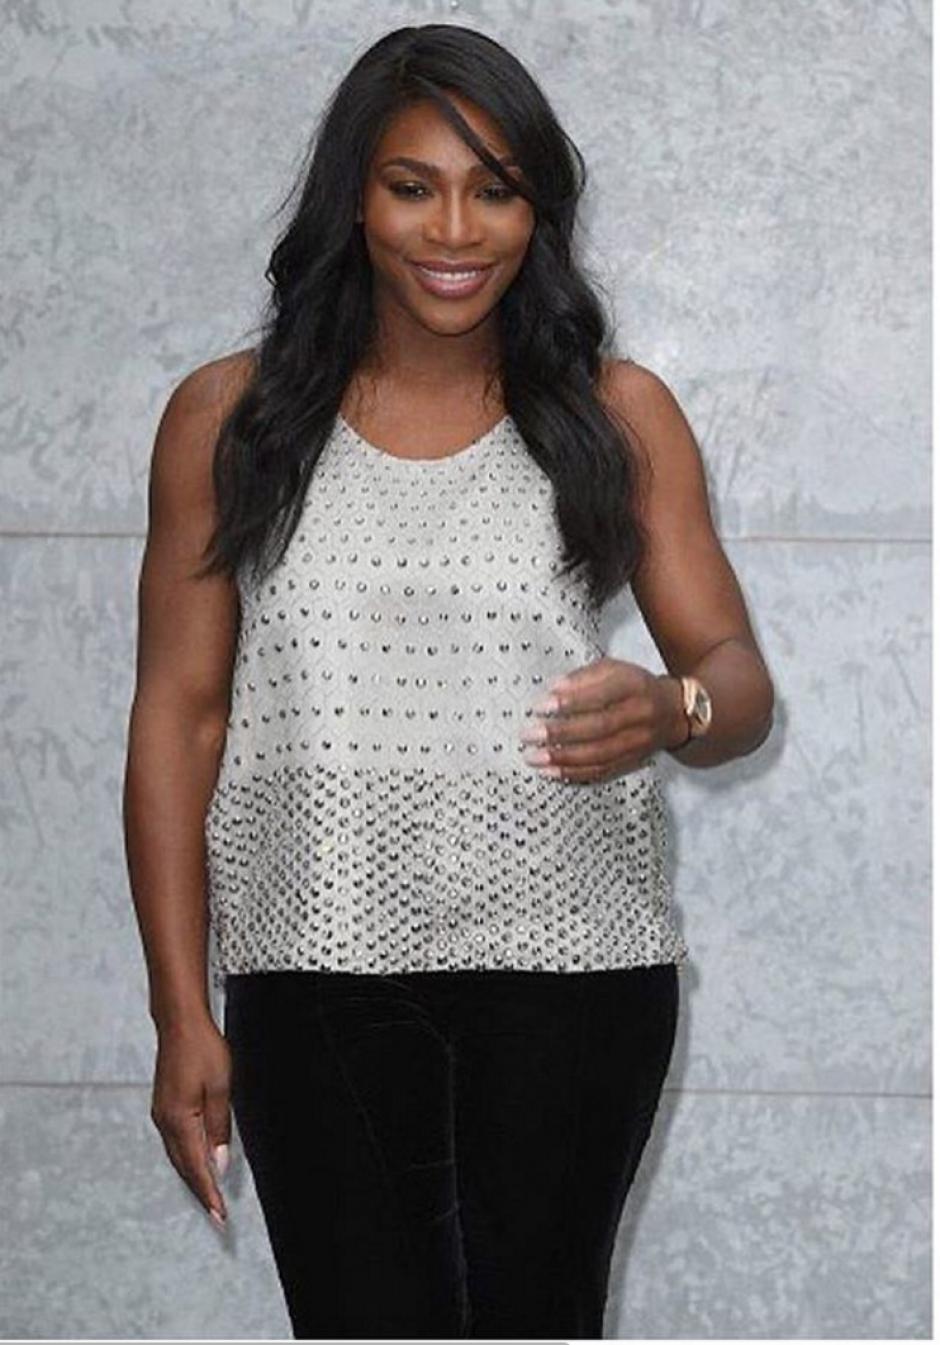 Deporte y moda, así es la vida de la tenista Serena Williams. (Foto: Instagram)